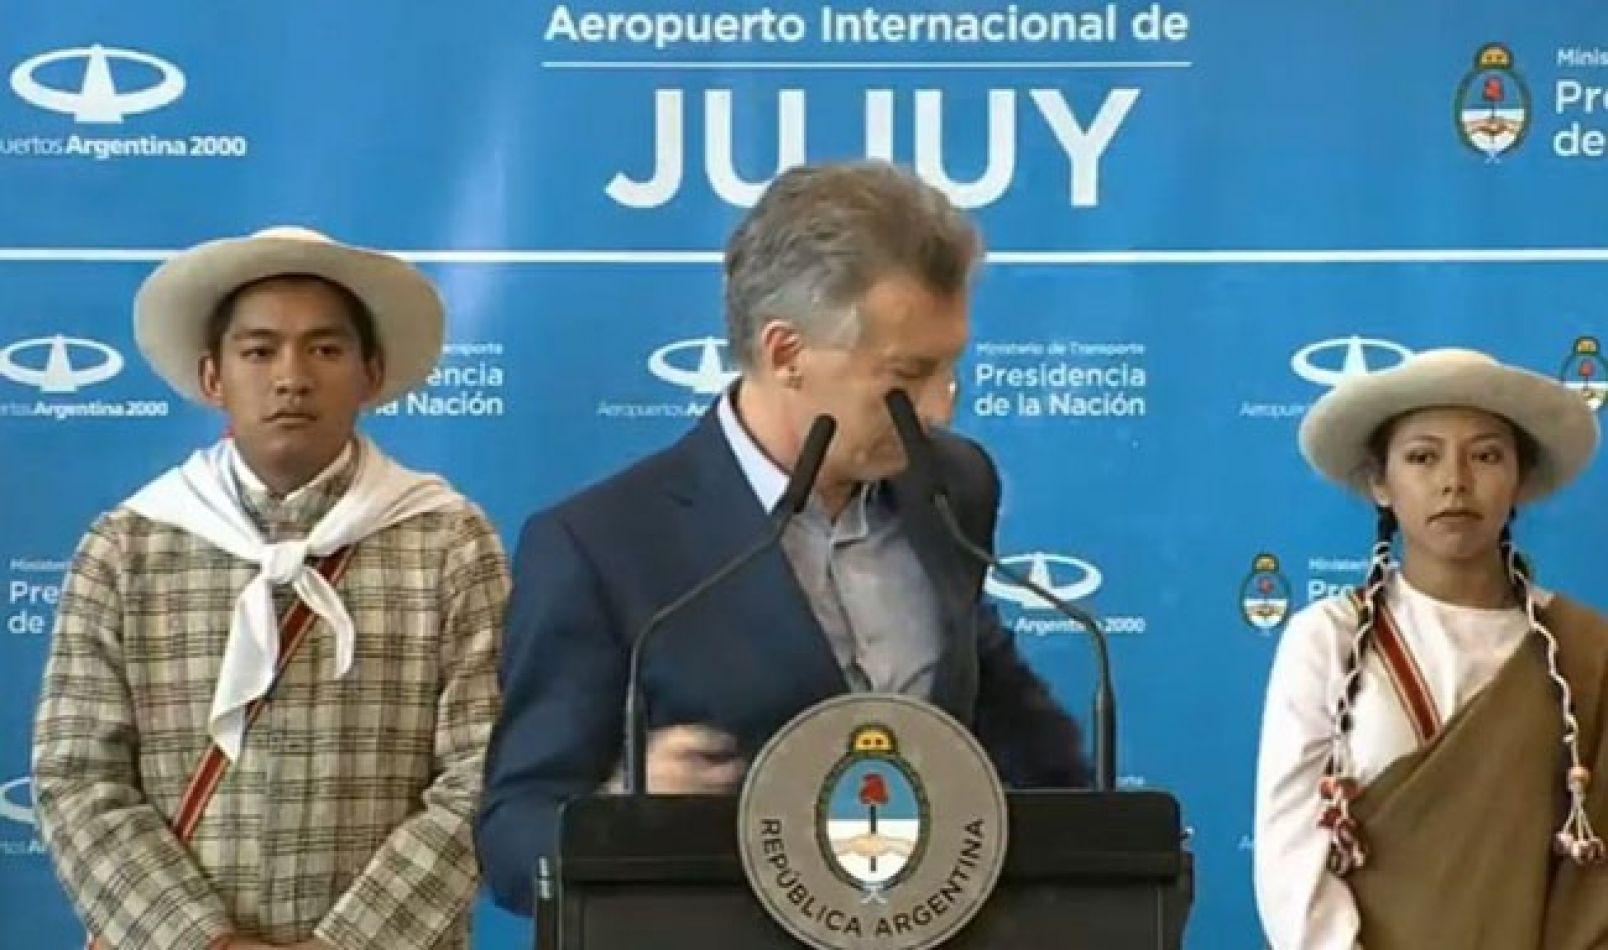 Macri no cede su telefóno tras la denuncia de Vila y tuvo que atenderlo en el acto del Aeropuerto